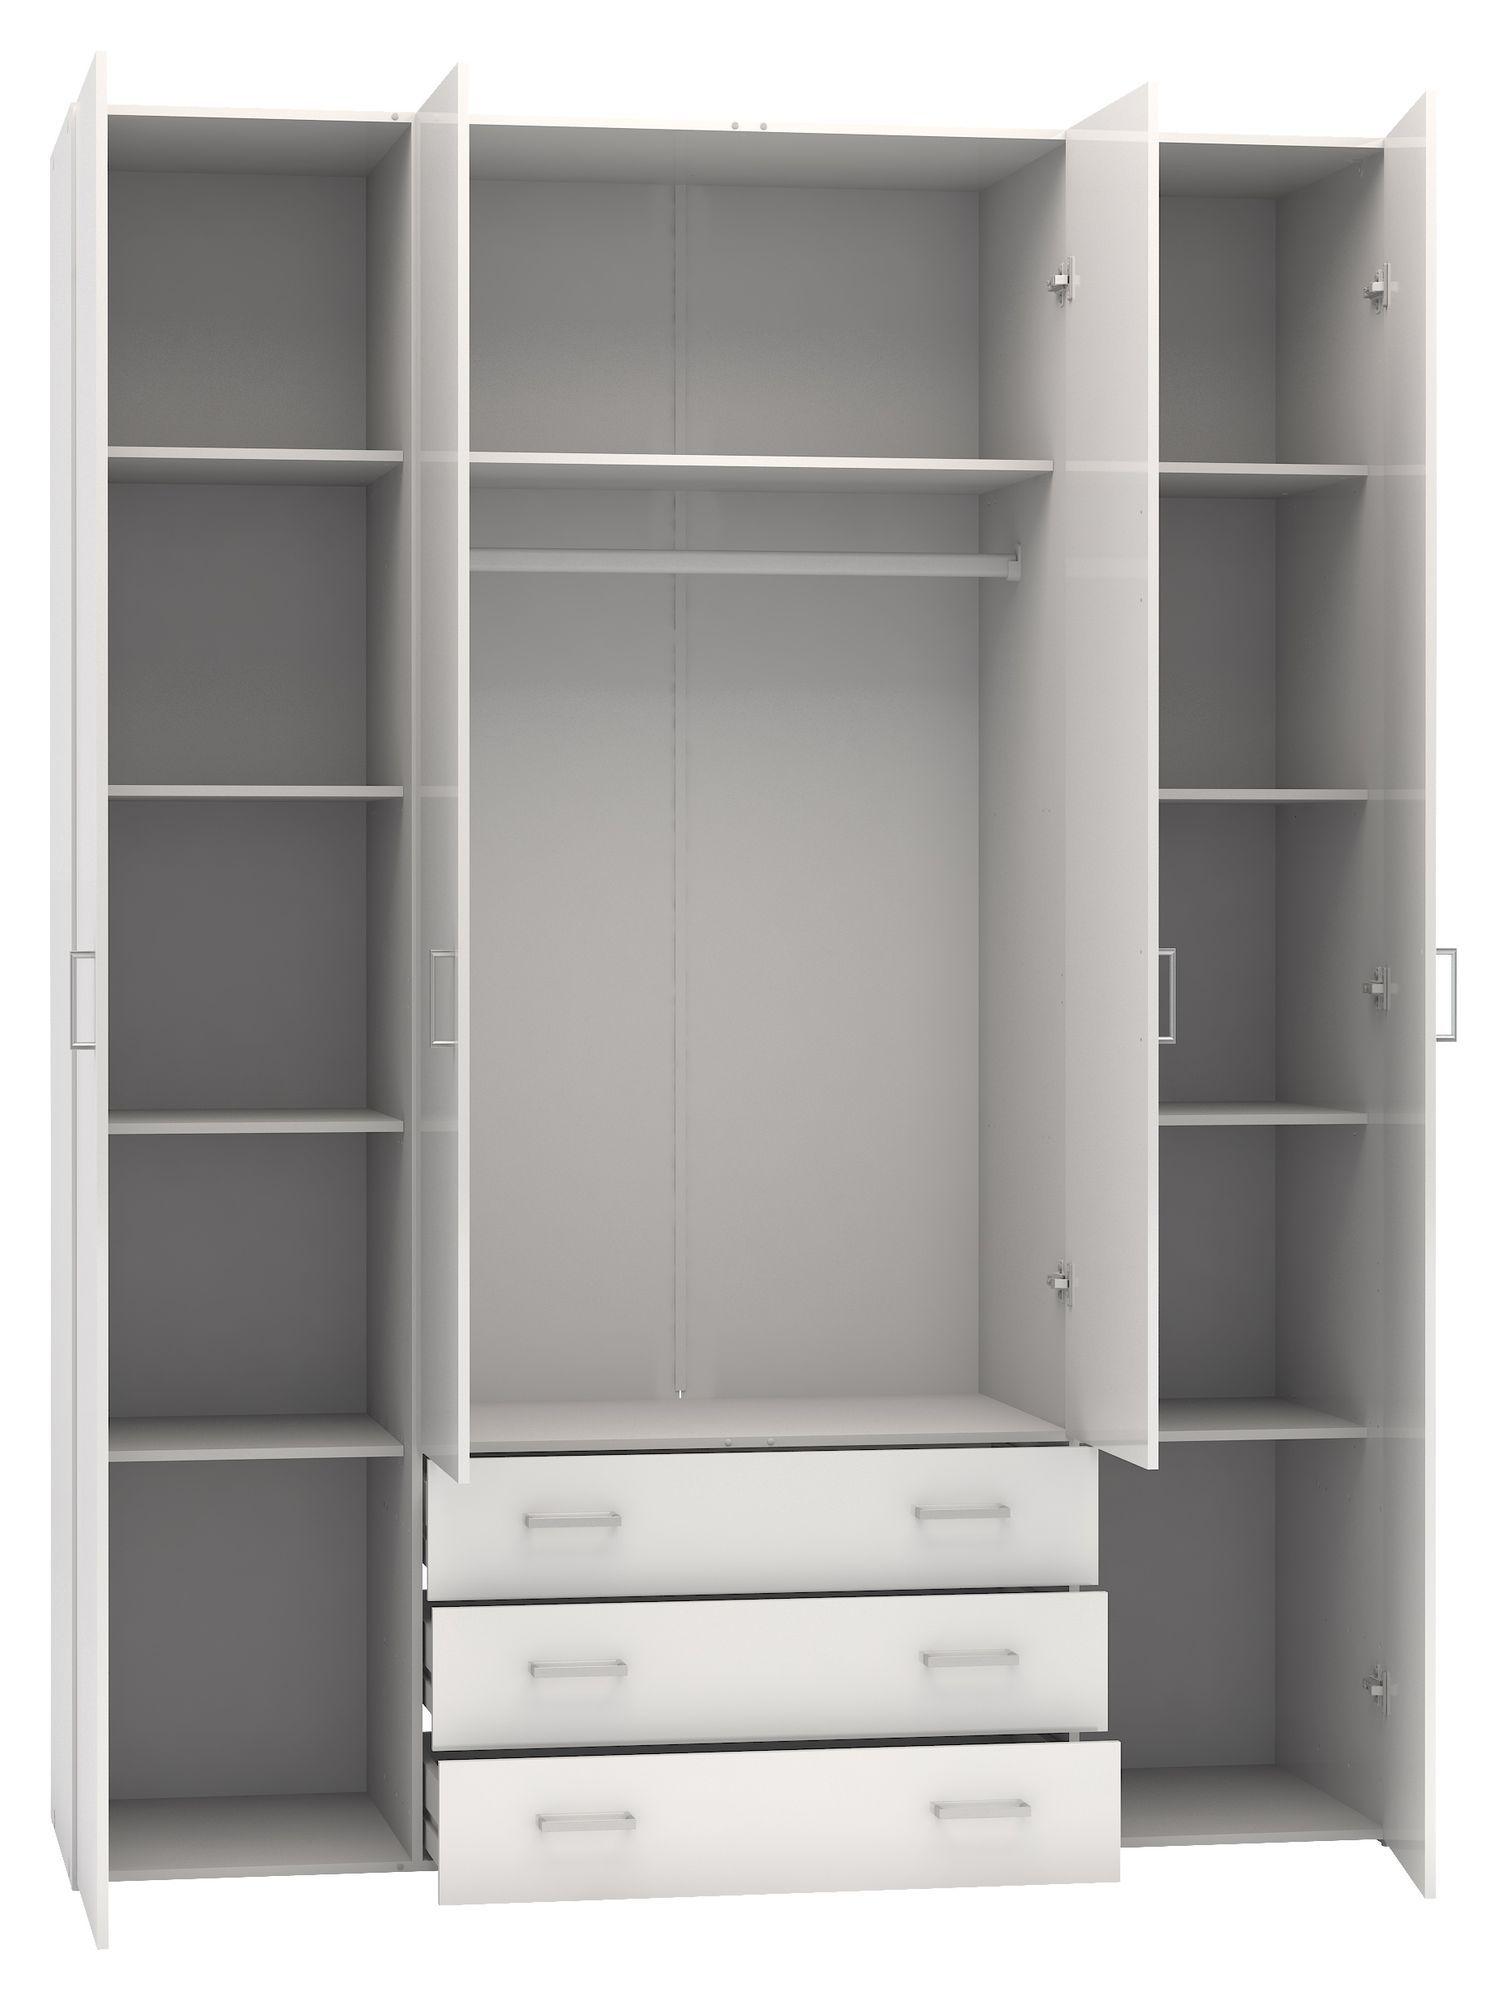 Space Garderobeskab - Hvid højglans m/4 låger - Garderobeskab i hvid med 4 låger